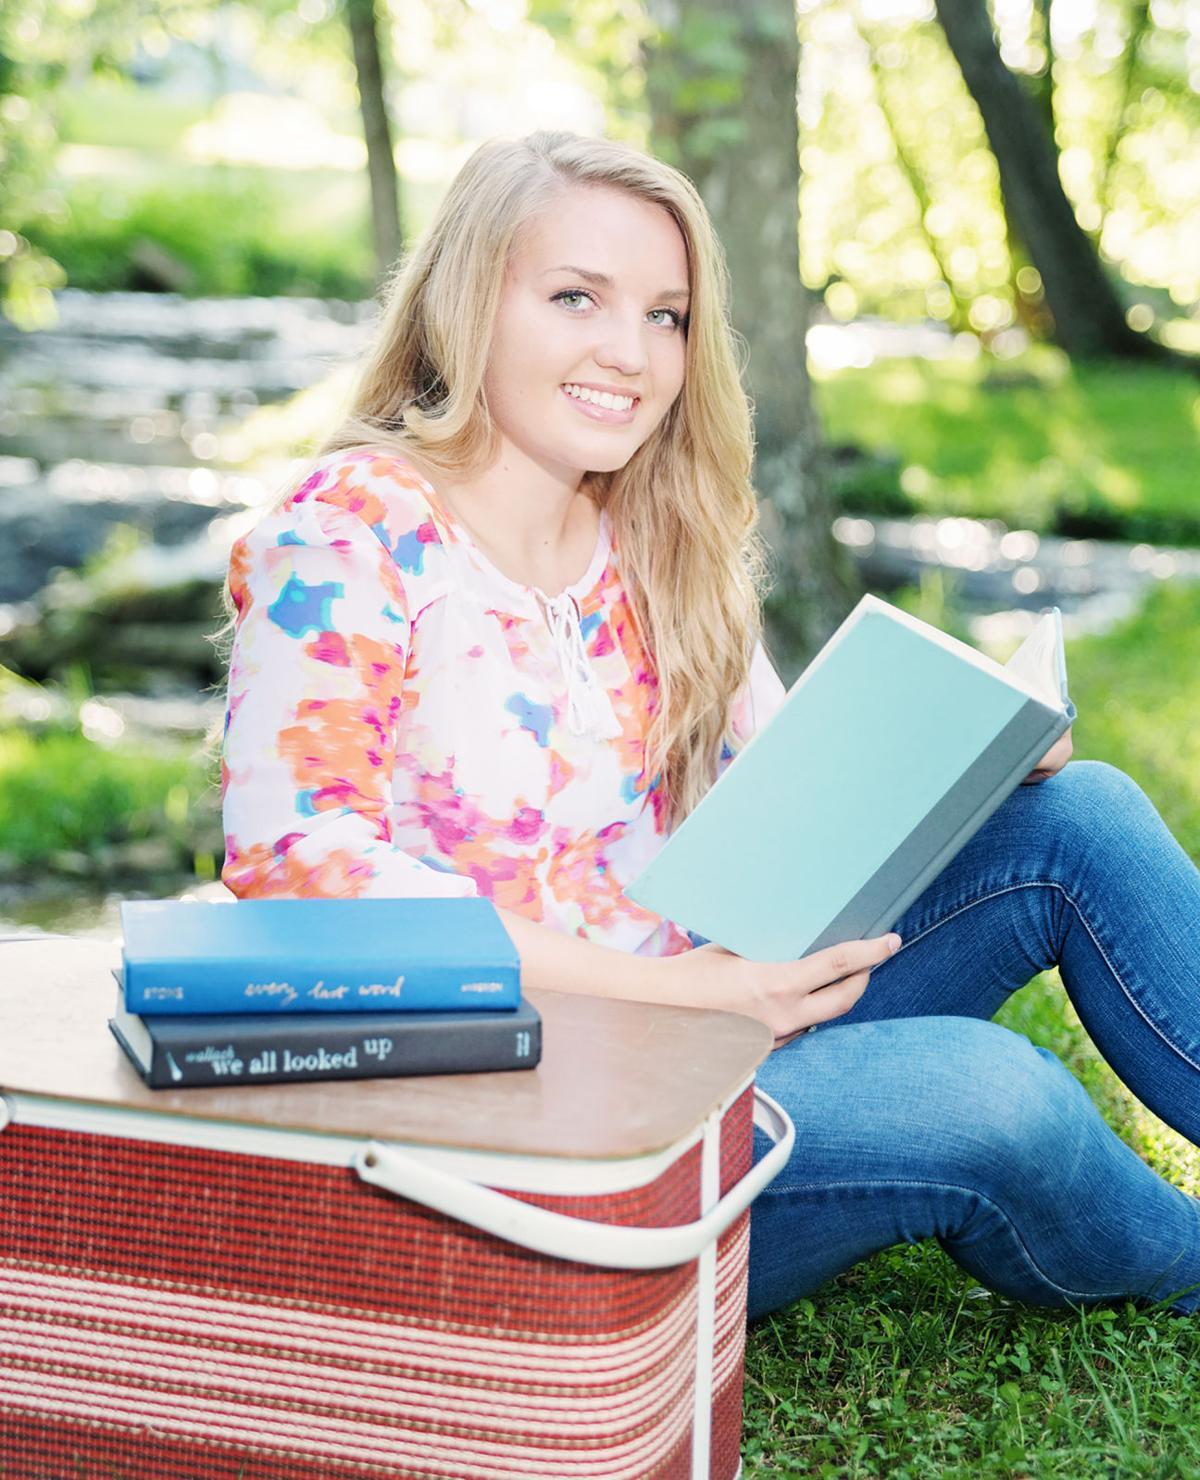 Calendar Girl April Tuebl : Our april calendar girl local news greenevillesun